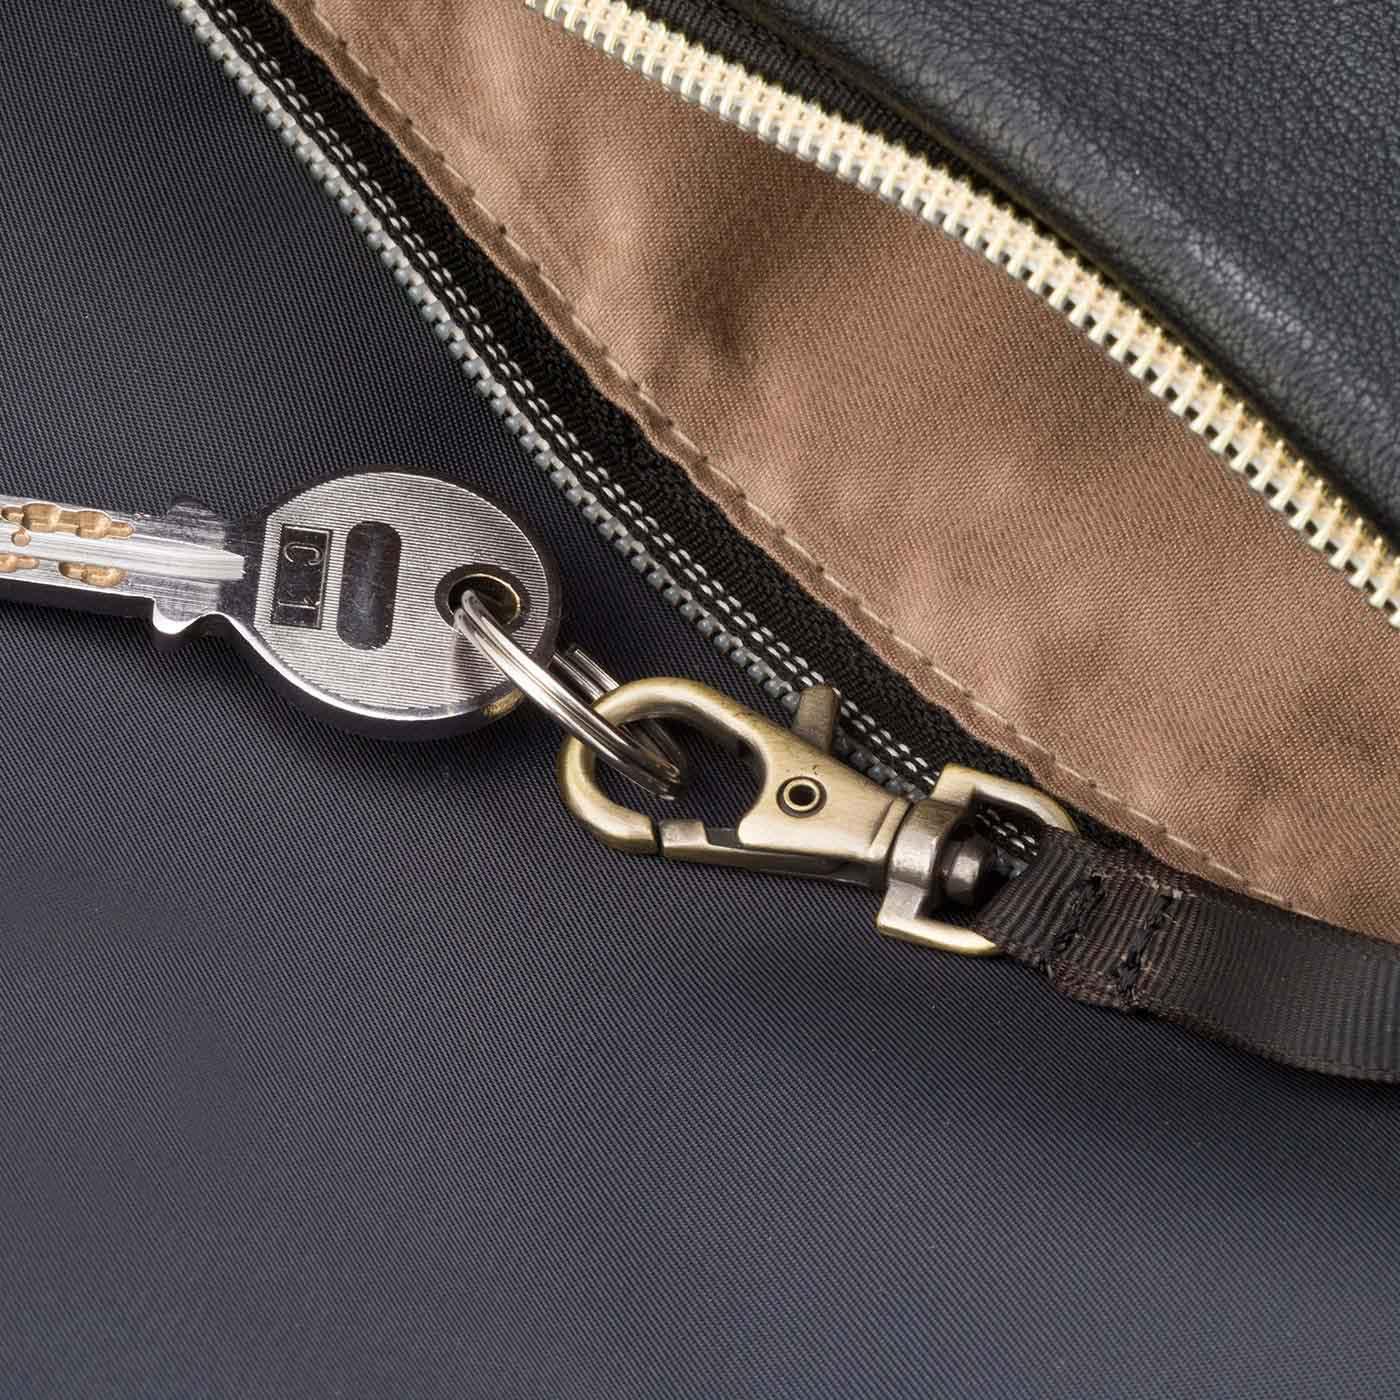 前ポケット内側に縫い付けストラップ付き。リール付き定期入れやかぎを取り付ければ便利で安心。